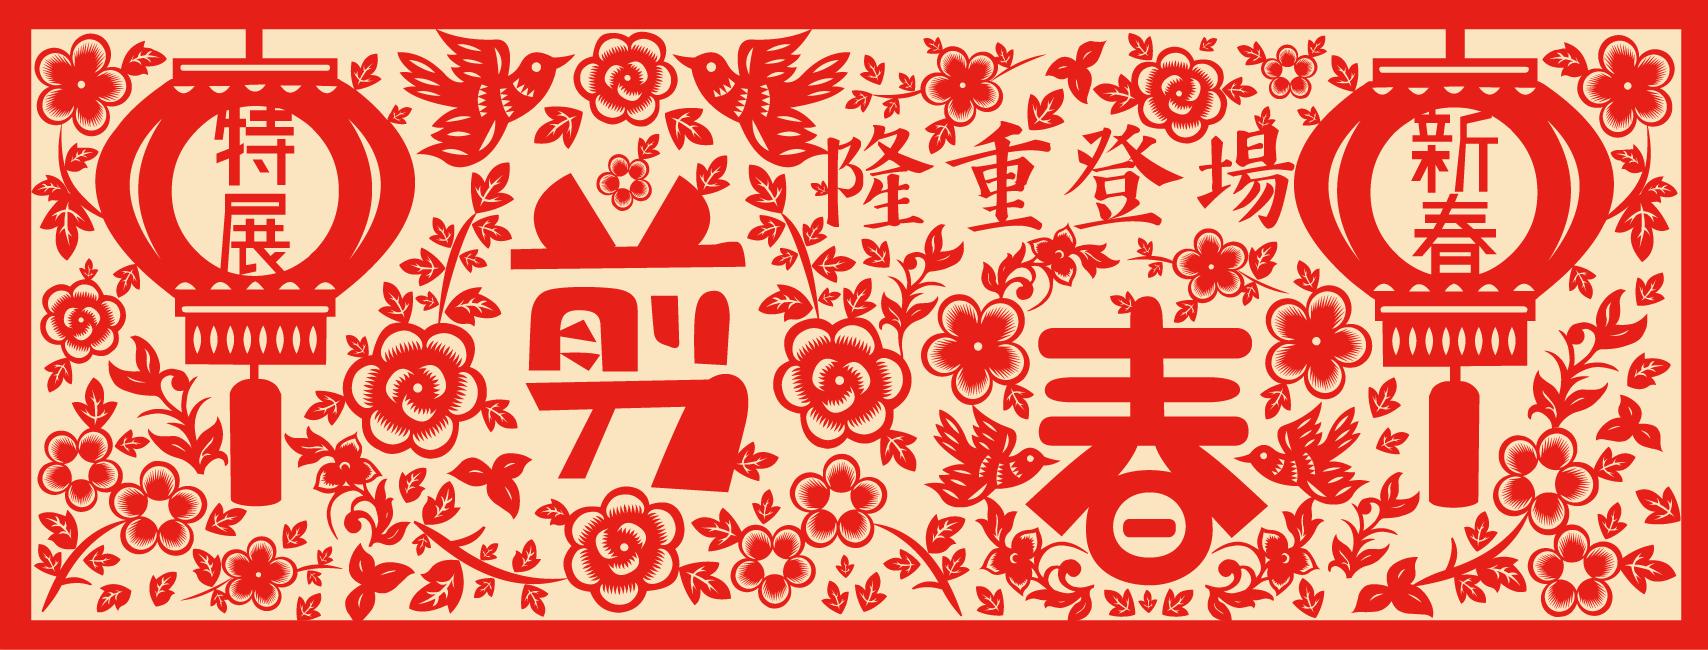 1/27-3/31龜山眷村故事館《剪春》特展